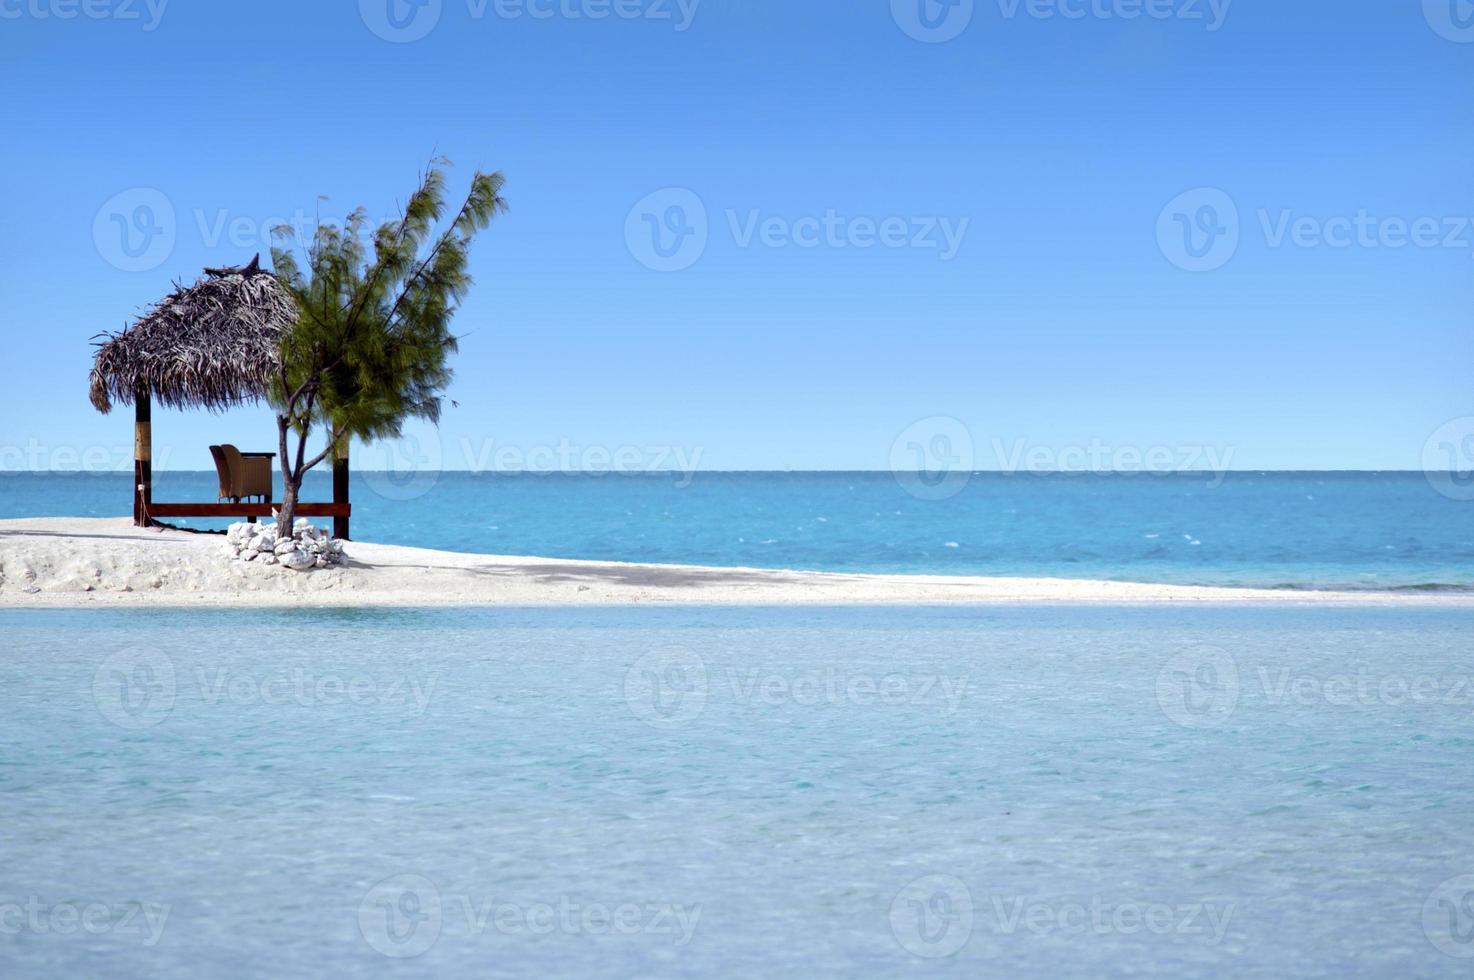 paesaggio dell'isola di arutanga nelle isole Cook laguna di aitutaki foto